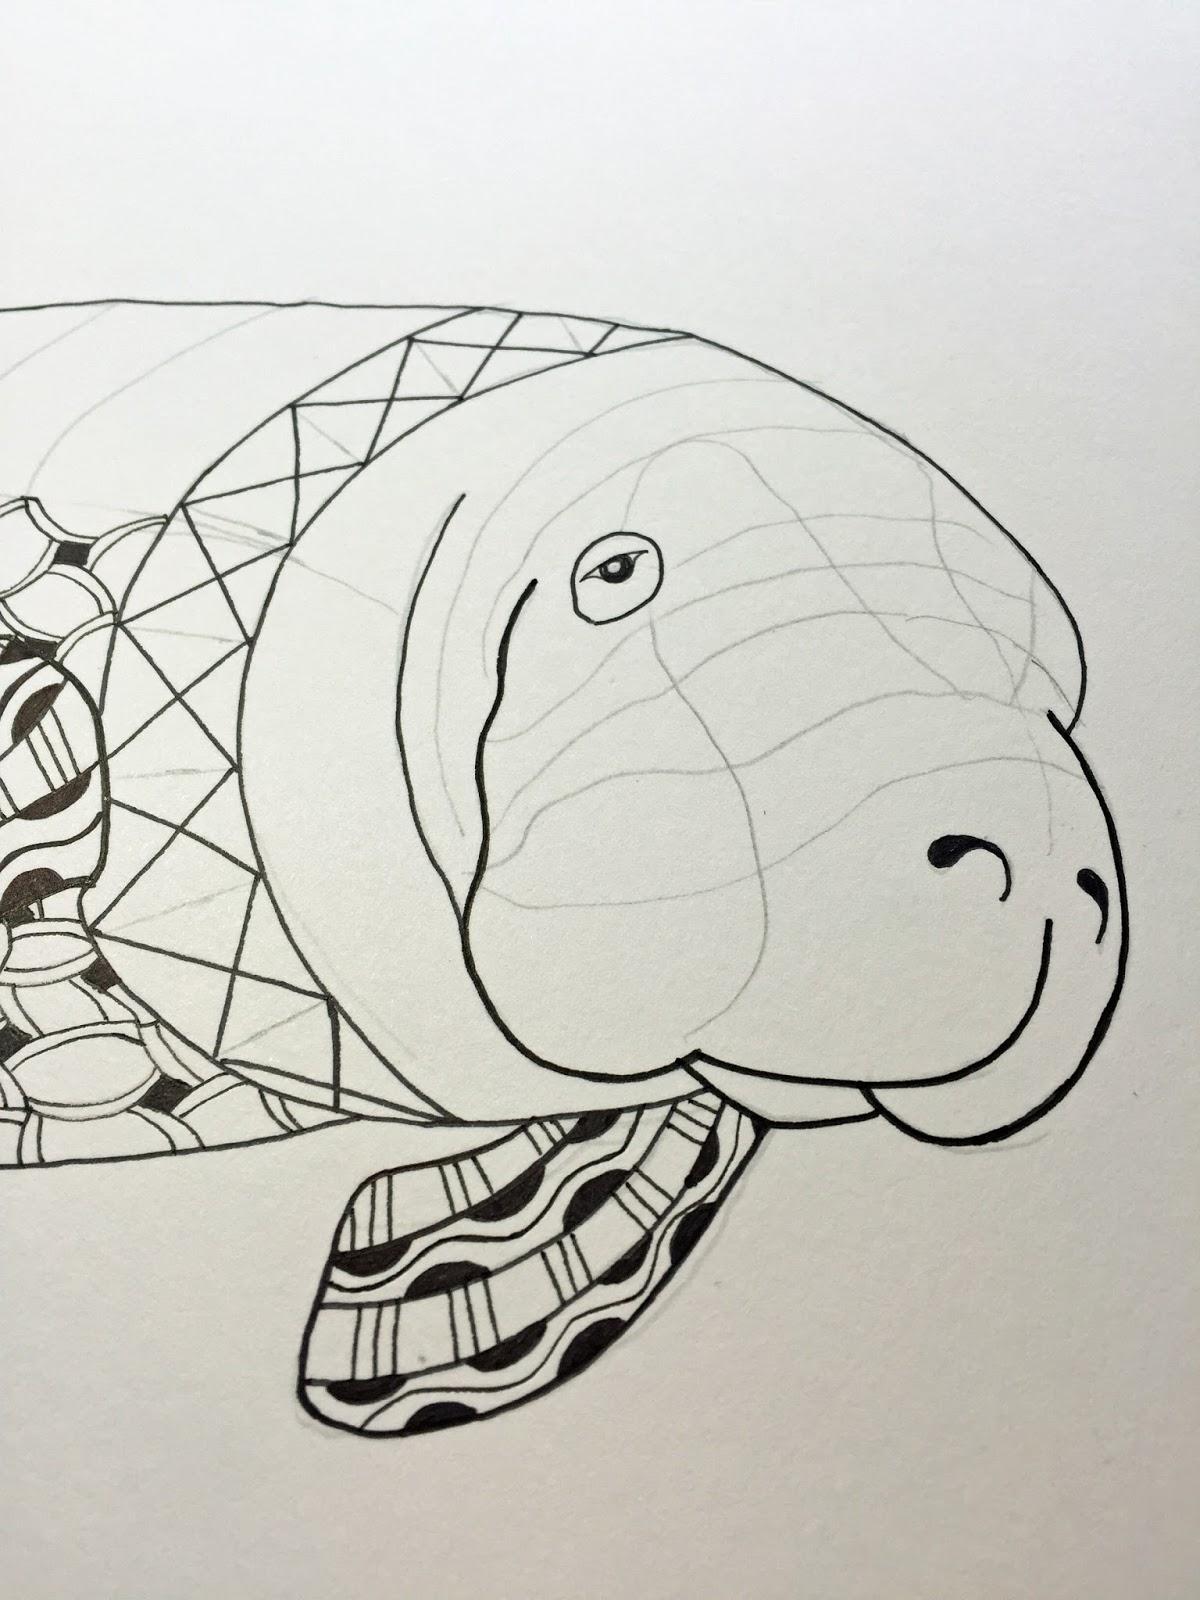 Line Art Generator : Manatee line art imgkid the image kid has it